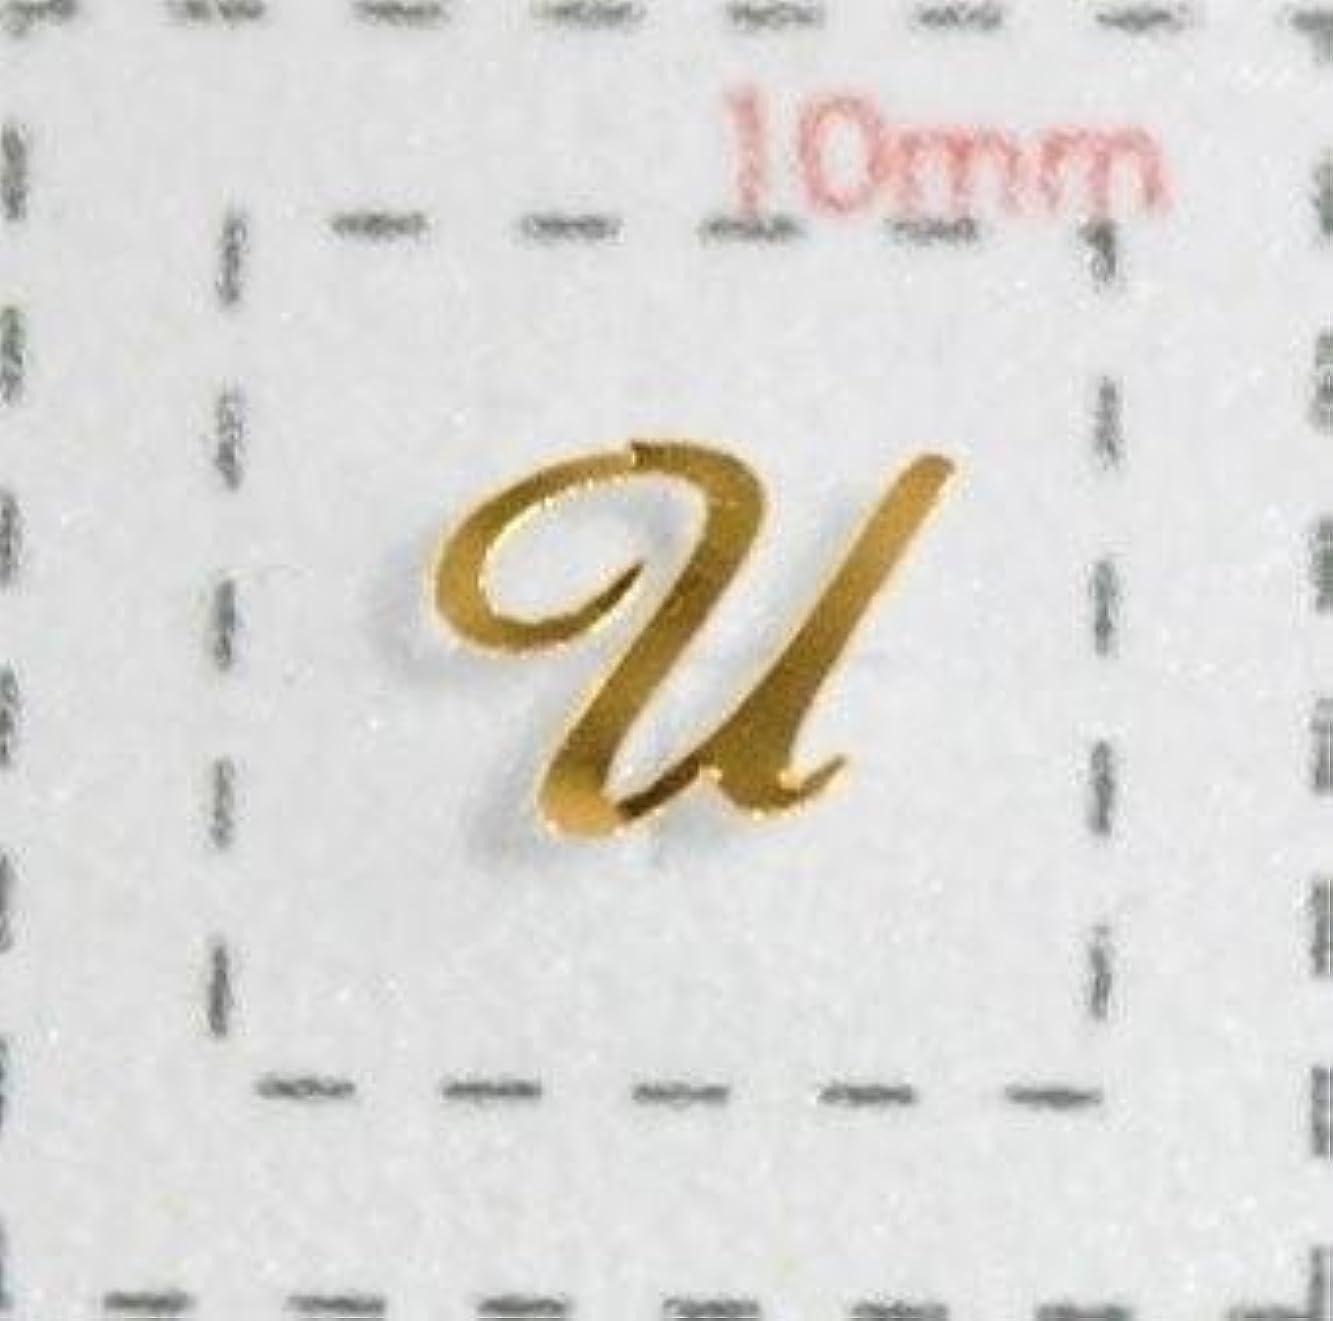 試用キャッチ申請中Nameネイルシール【アルファベット?イニシャル】大文字ゴールド( U )1シート9枚入